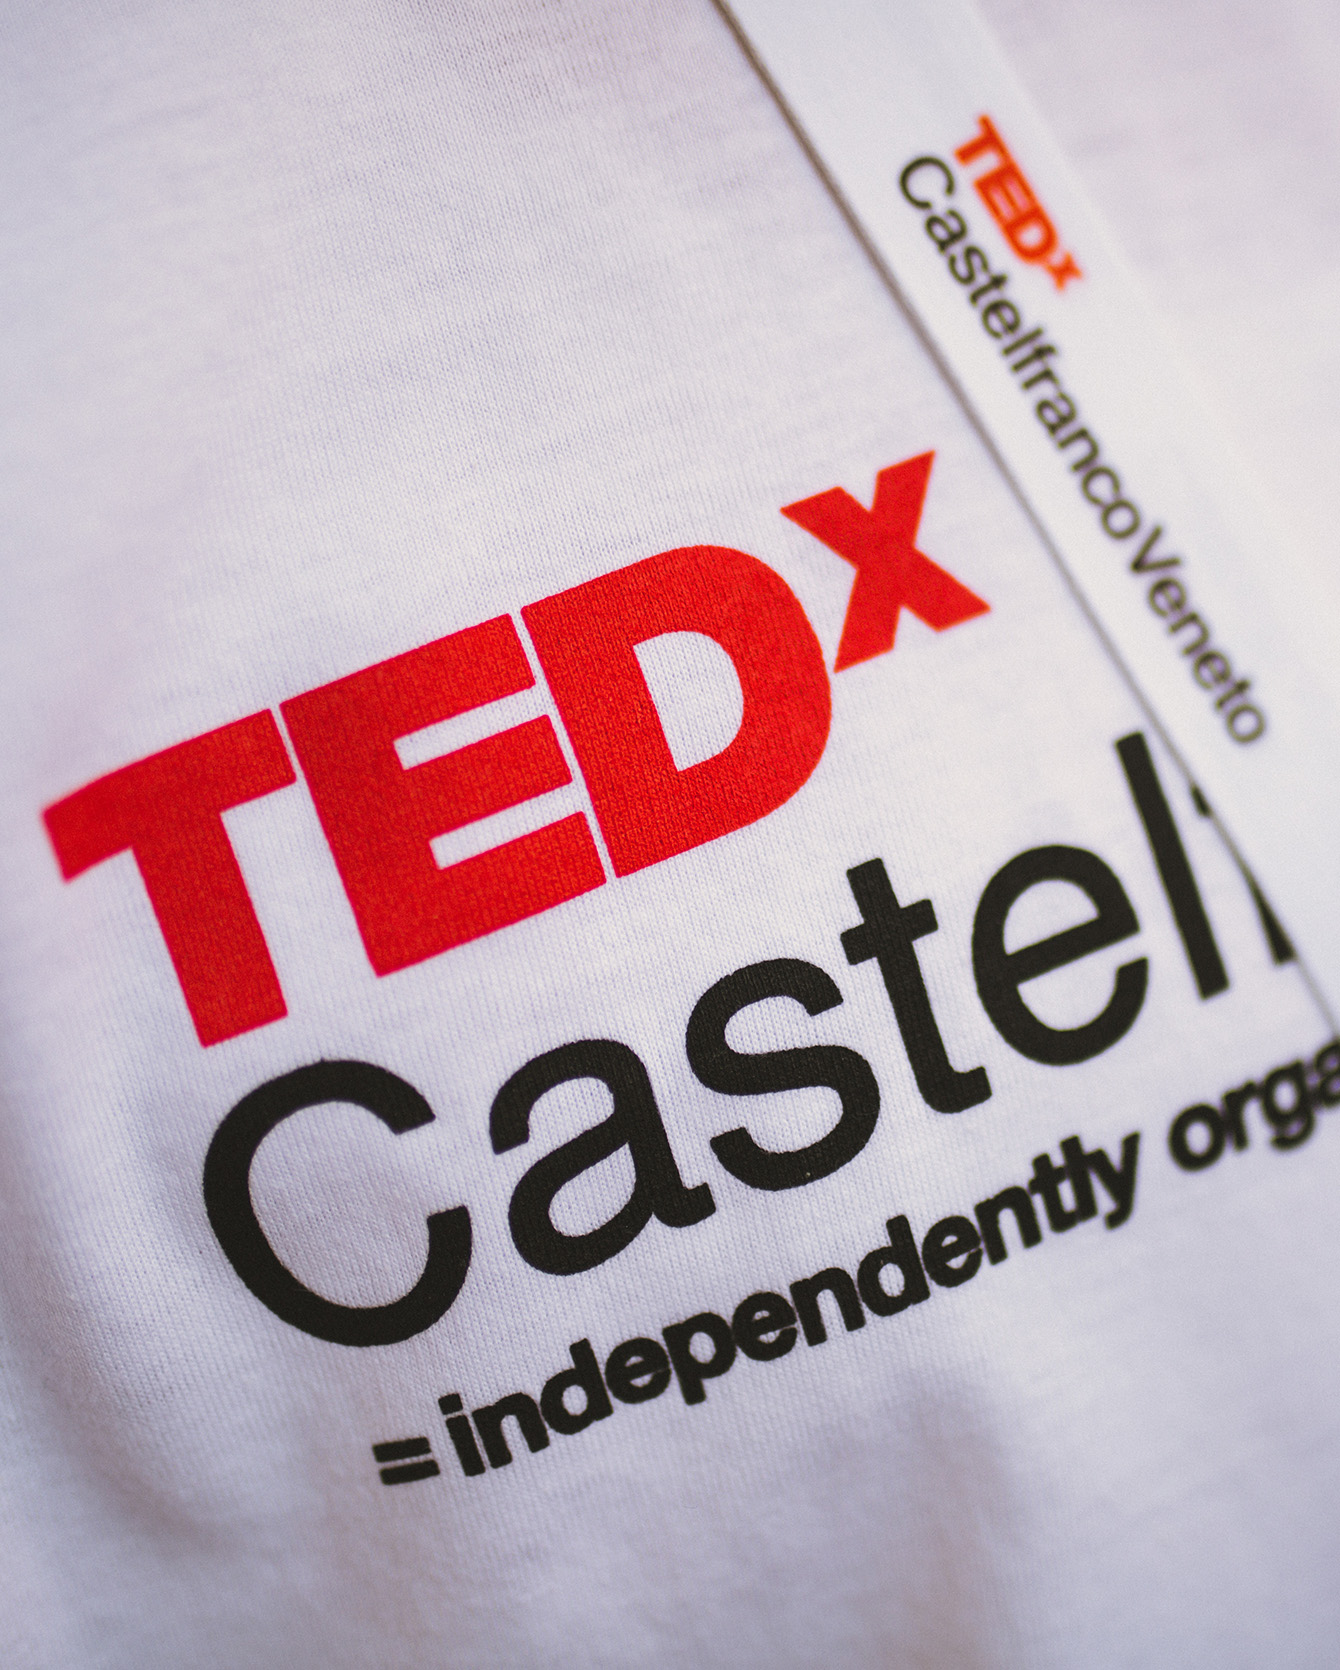 Eniac e TEDxCastelfrancoVeneto, un network di grande valore